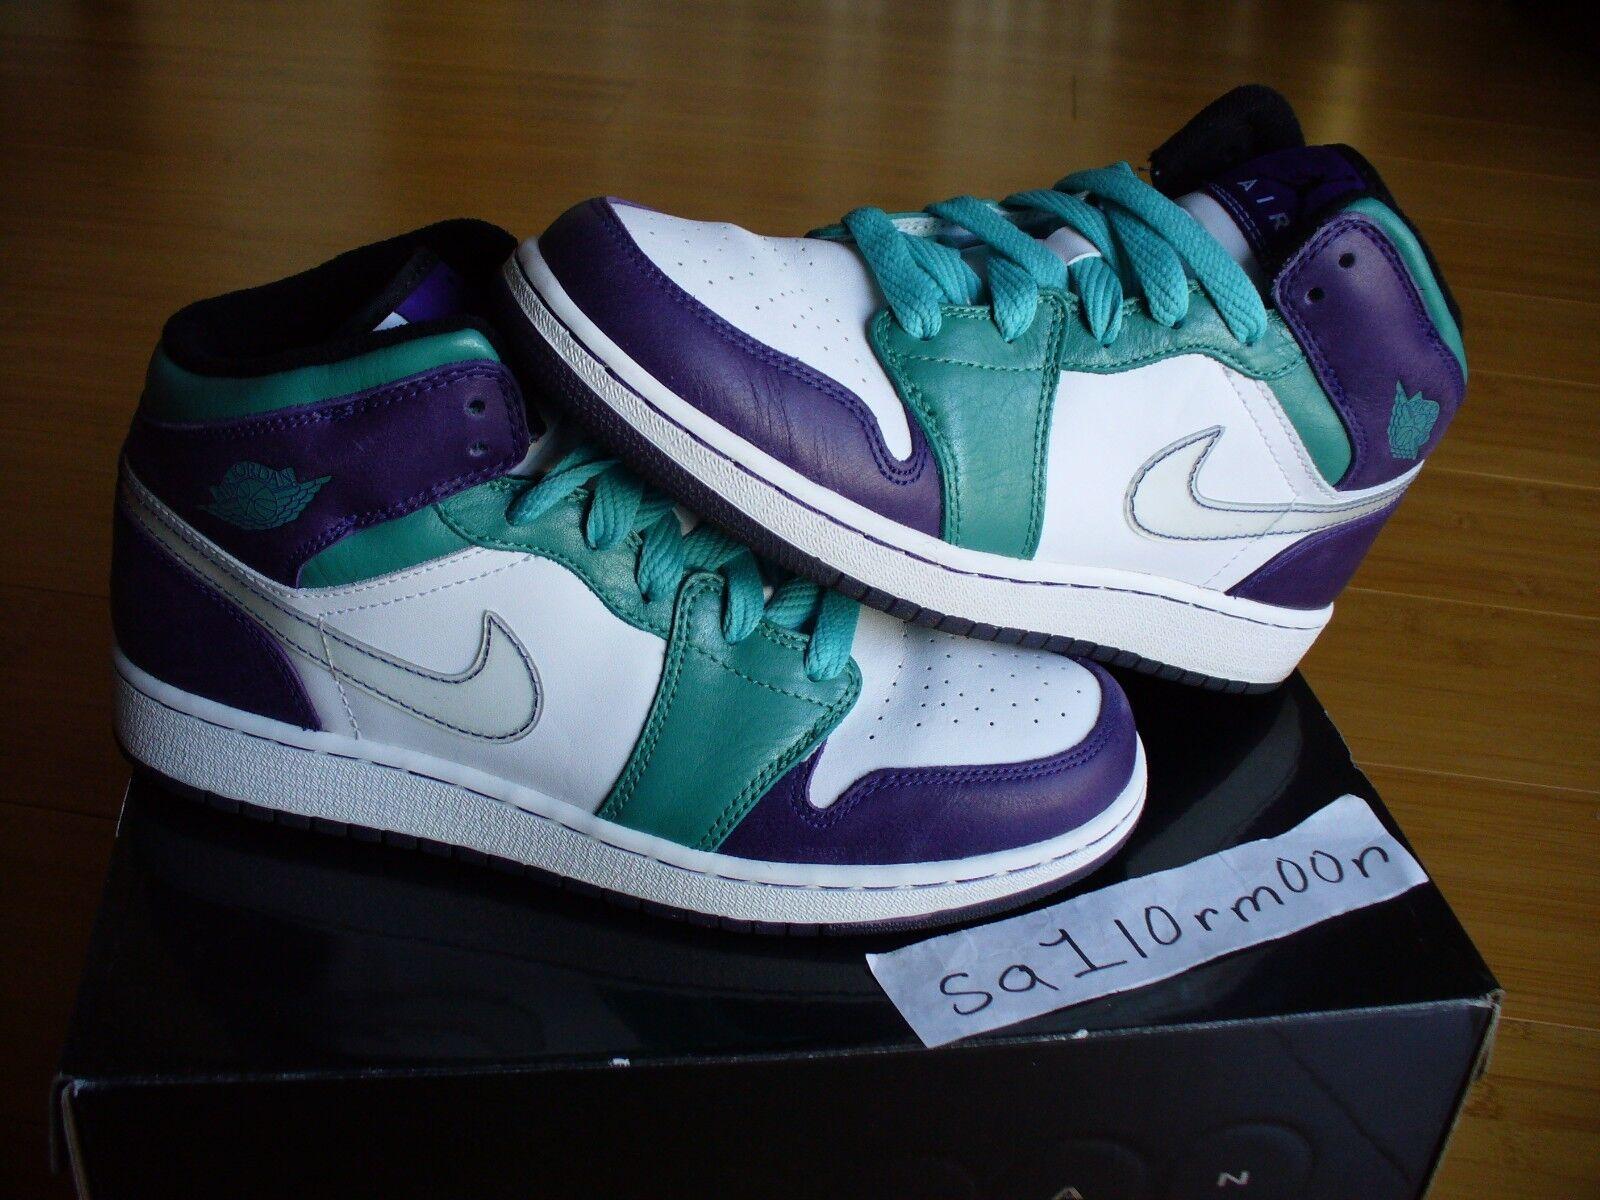 Nike air jordan emerald 1 sz 7 y zement xi - tiff - raum dunk schnell zuschlagen